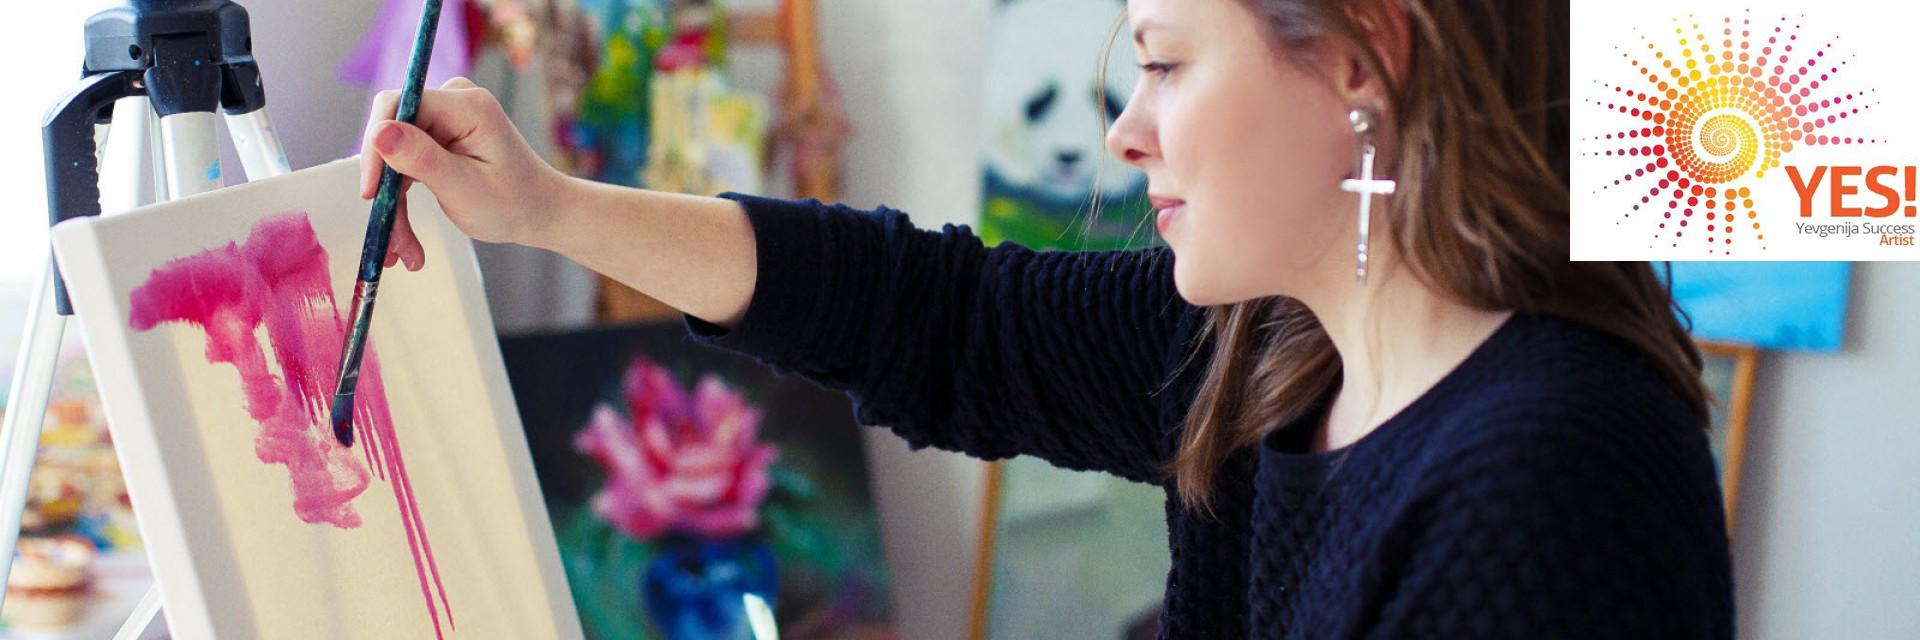 «Твоя картина маслом»   Школа интуитивной живописи художницы Евгении Успех